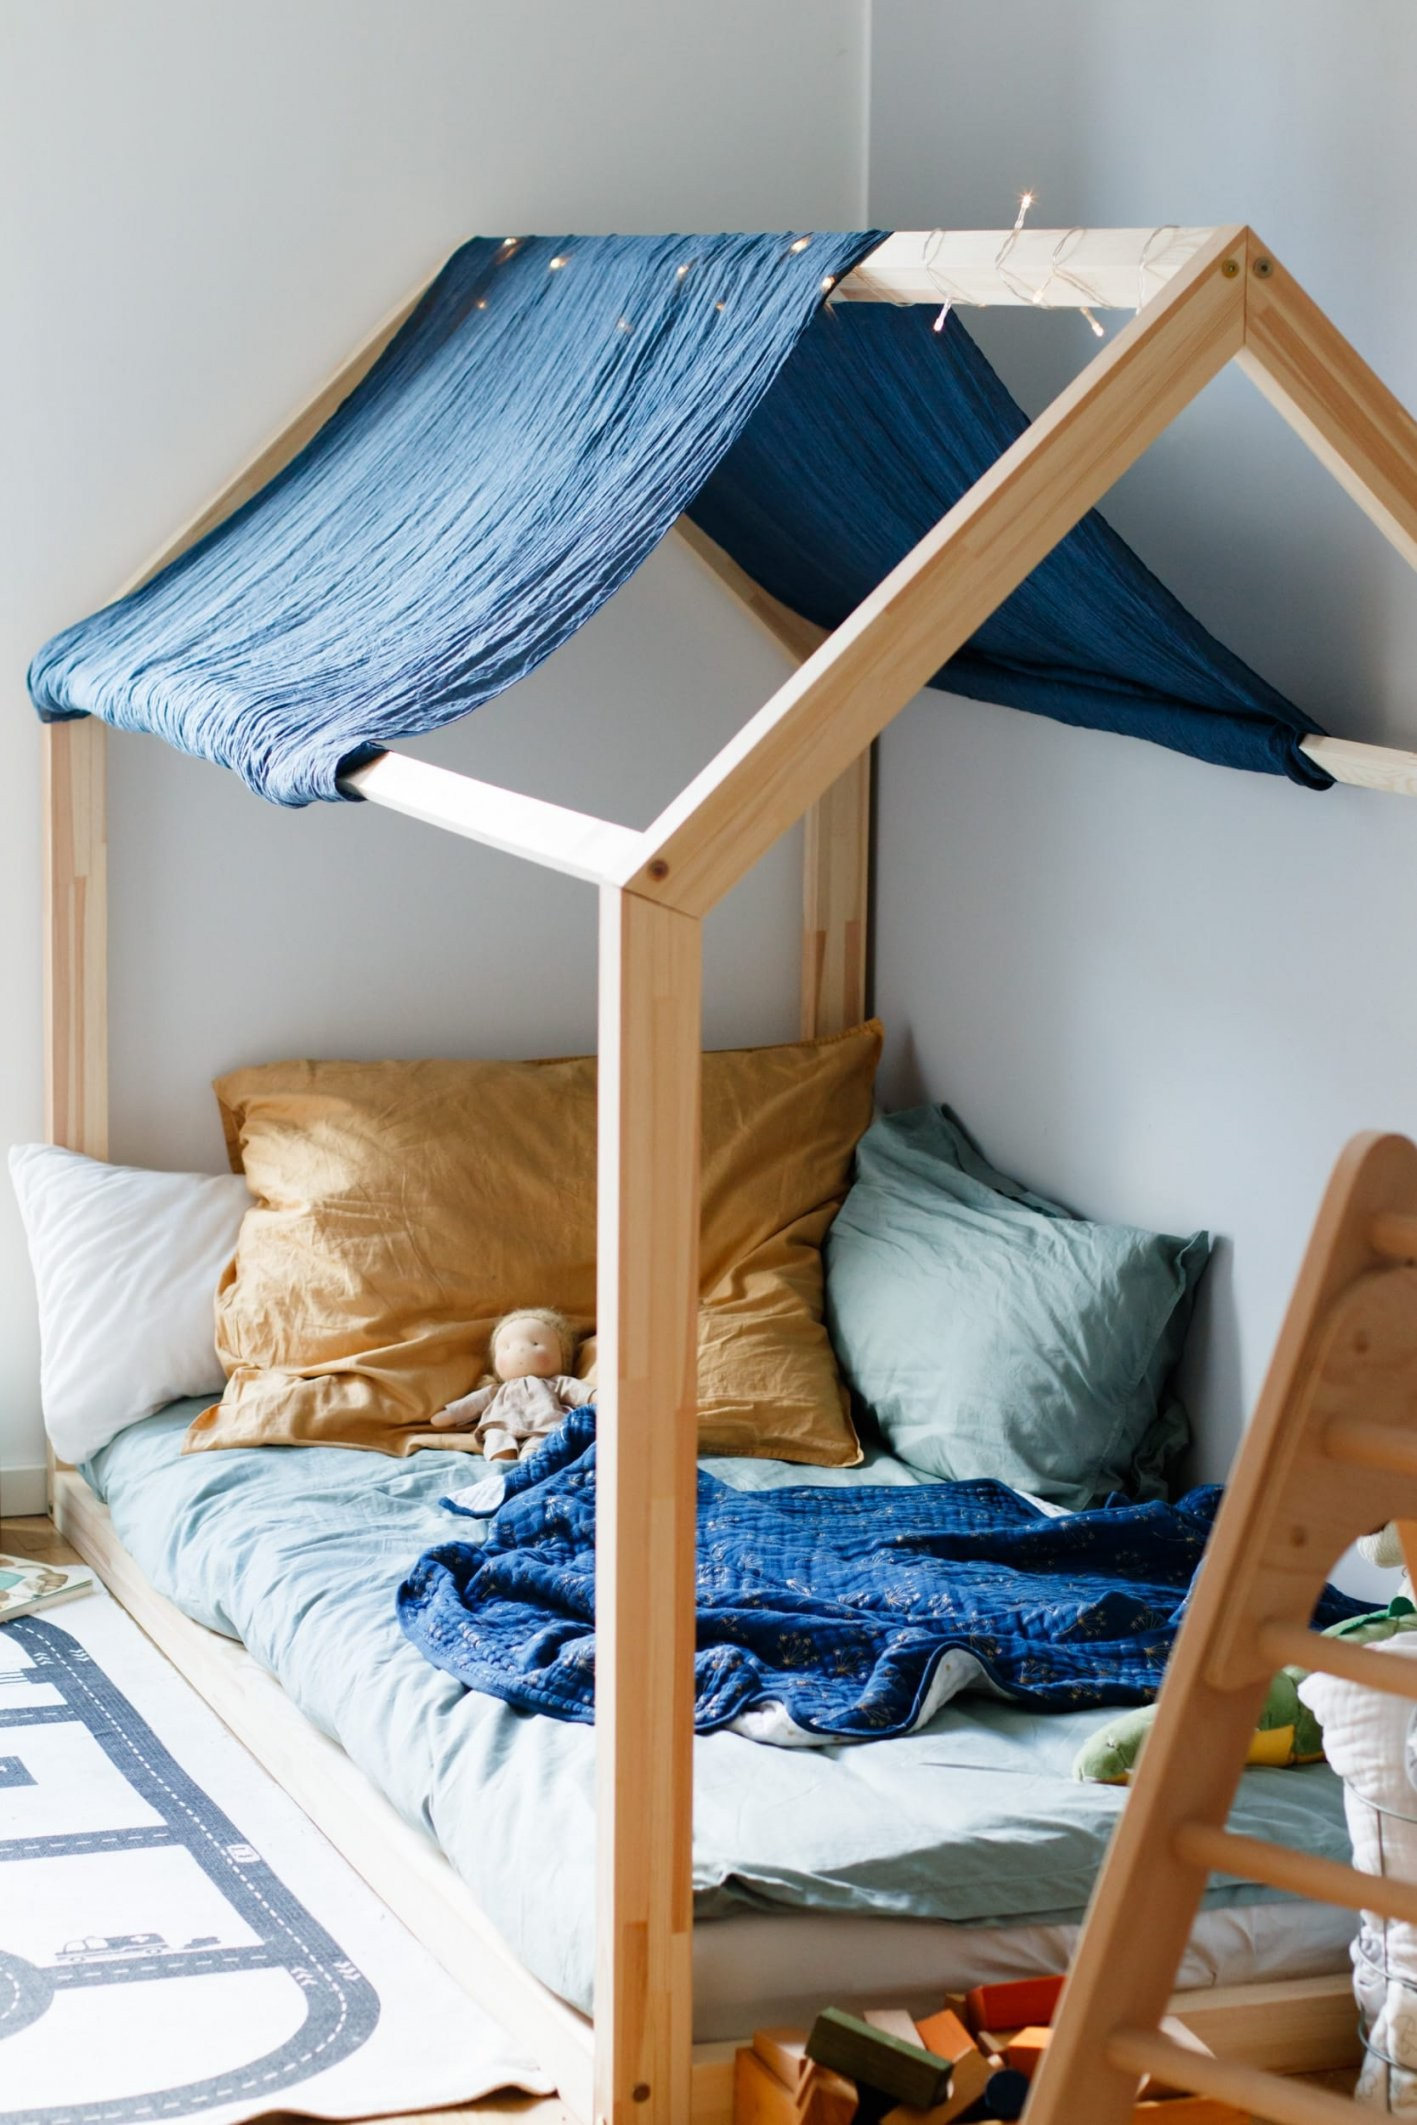 Hausbett Für Kinder  Floor Bed Nach Maria Montessori von Matratze Statt Bett Bild